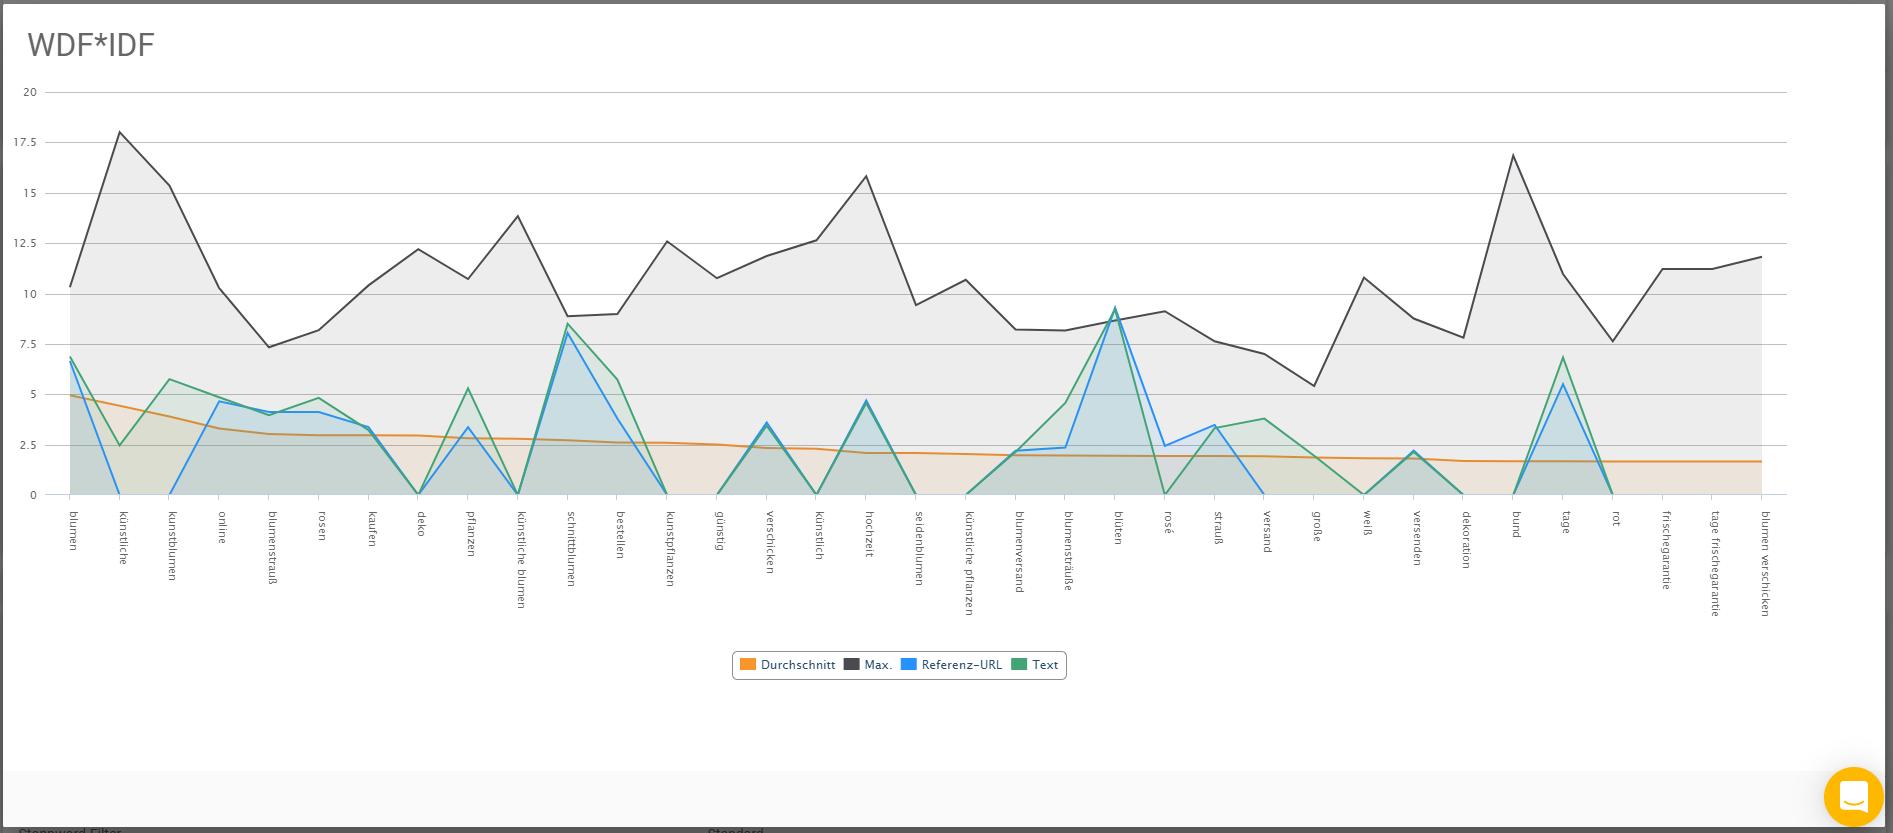 Screenshot der WDF*IDF Analyse mit den Top 10 Suchergebnissen im Vergleich